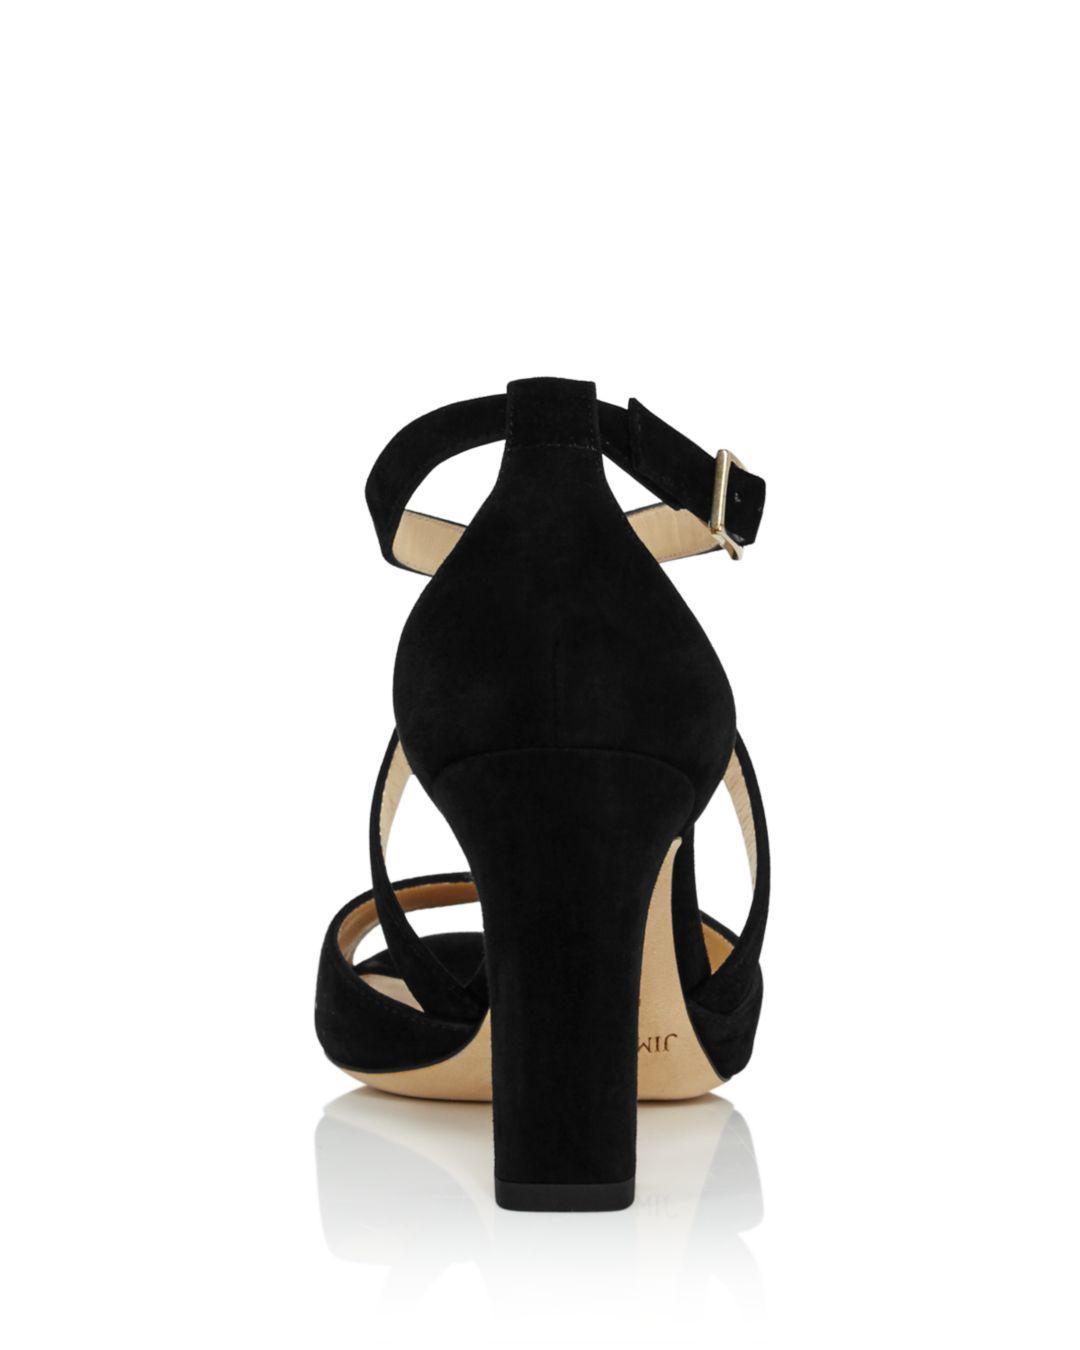 322a326d4cc Lyst - Jimmy Choo Women s Carrie 85 Suede Crisscross High-heel ...